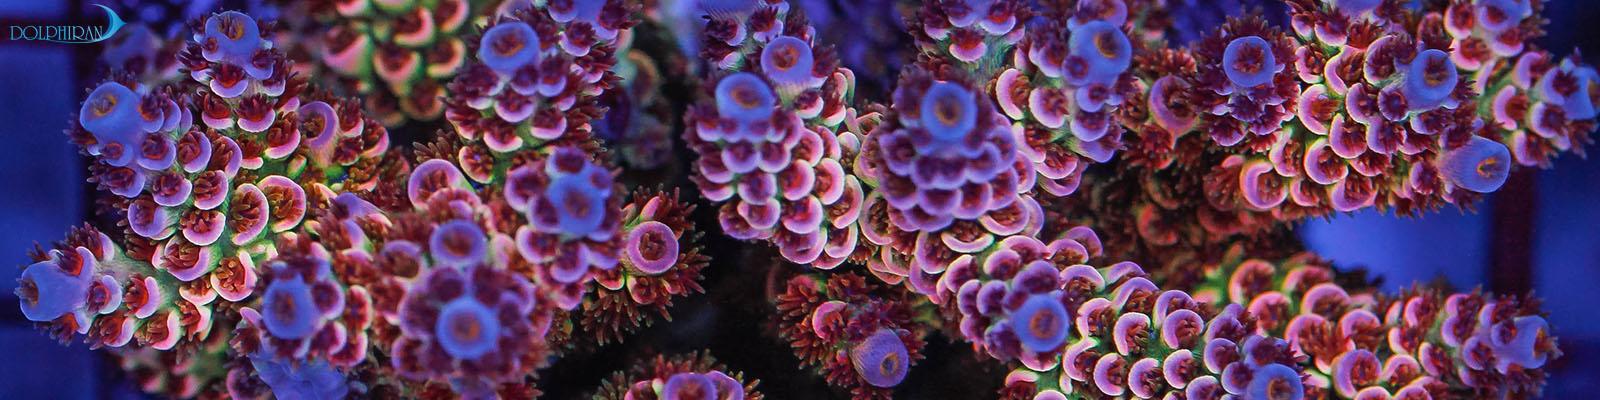 پیوند زدن رنگین کمانی مرجان آکروپورا میلپورا